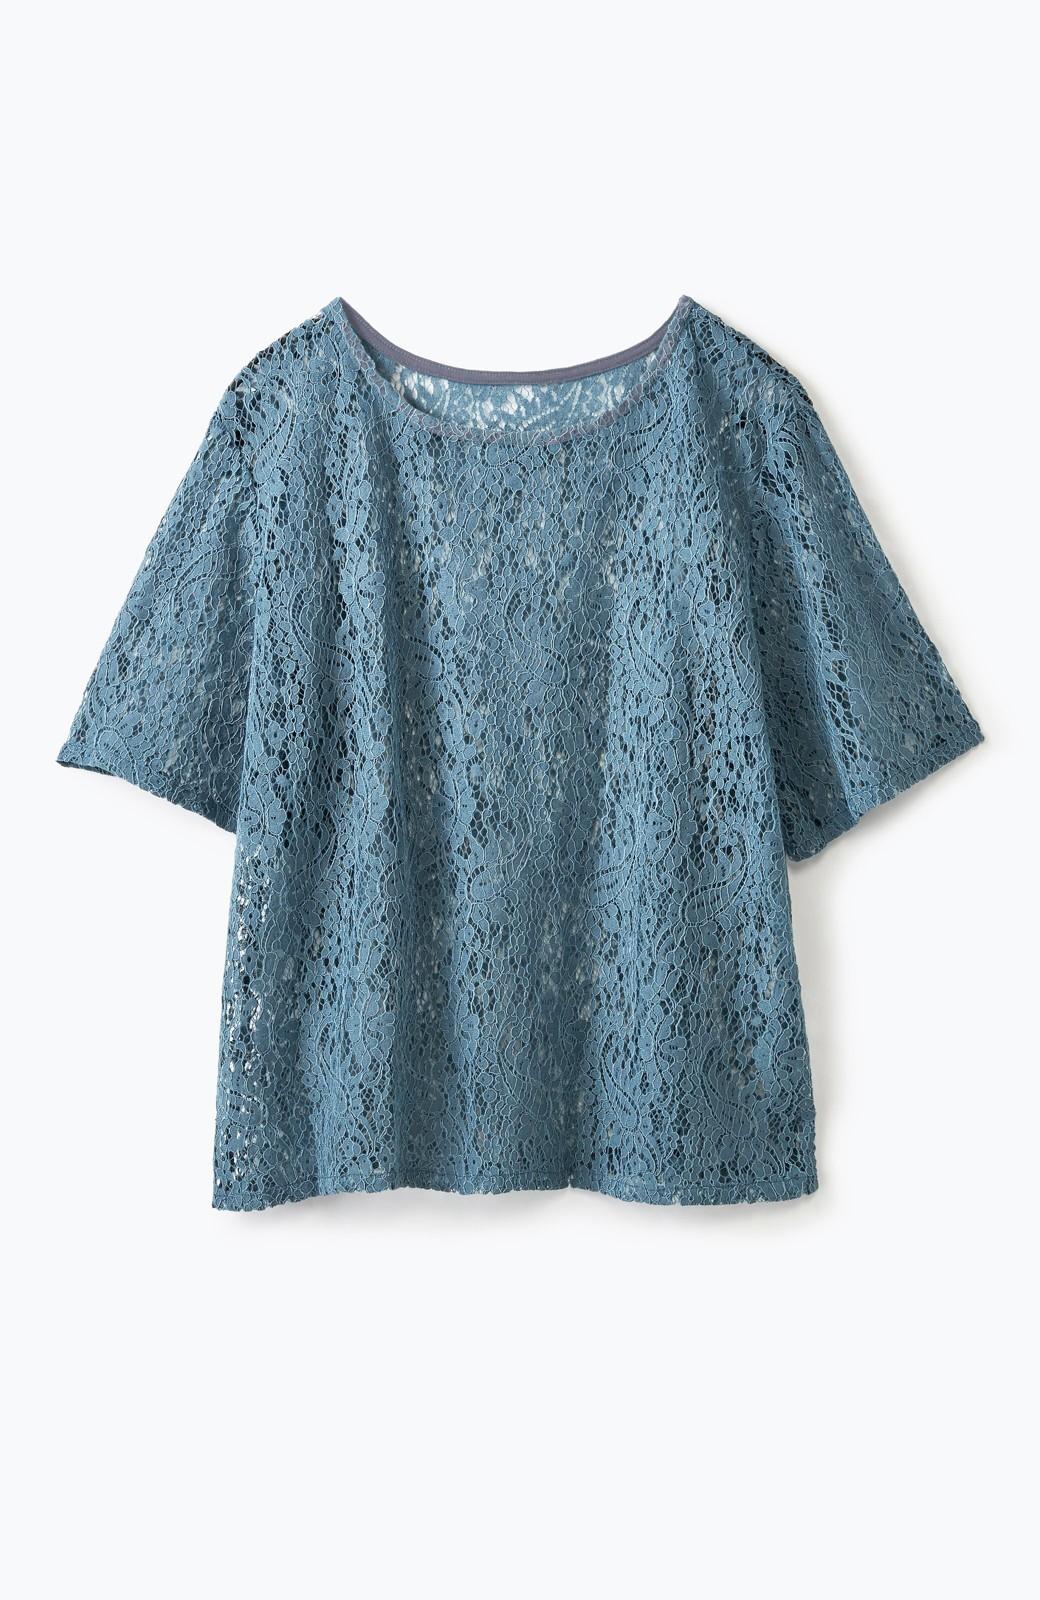 haco! いつものTシャツのかわりに着たい レースTブラウスとキャミソールセット <ブルー>の商品写真2